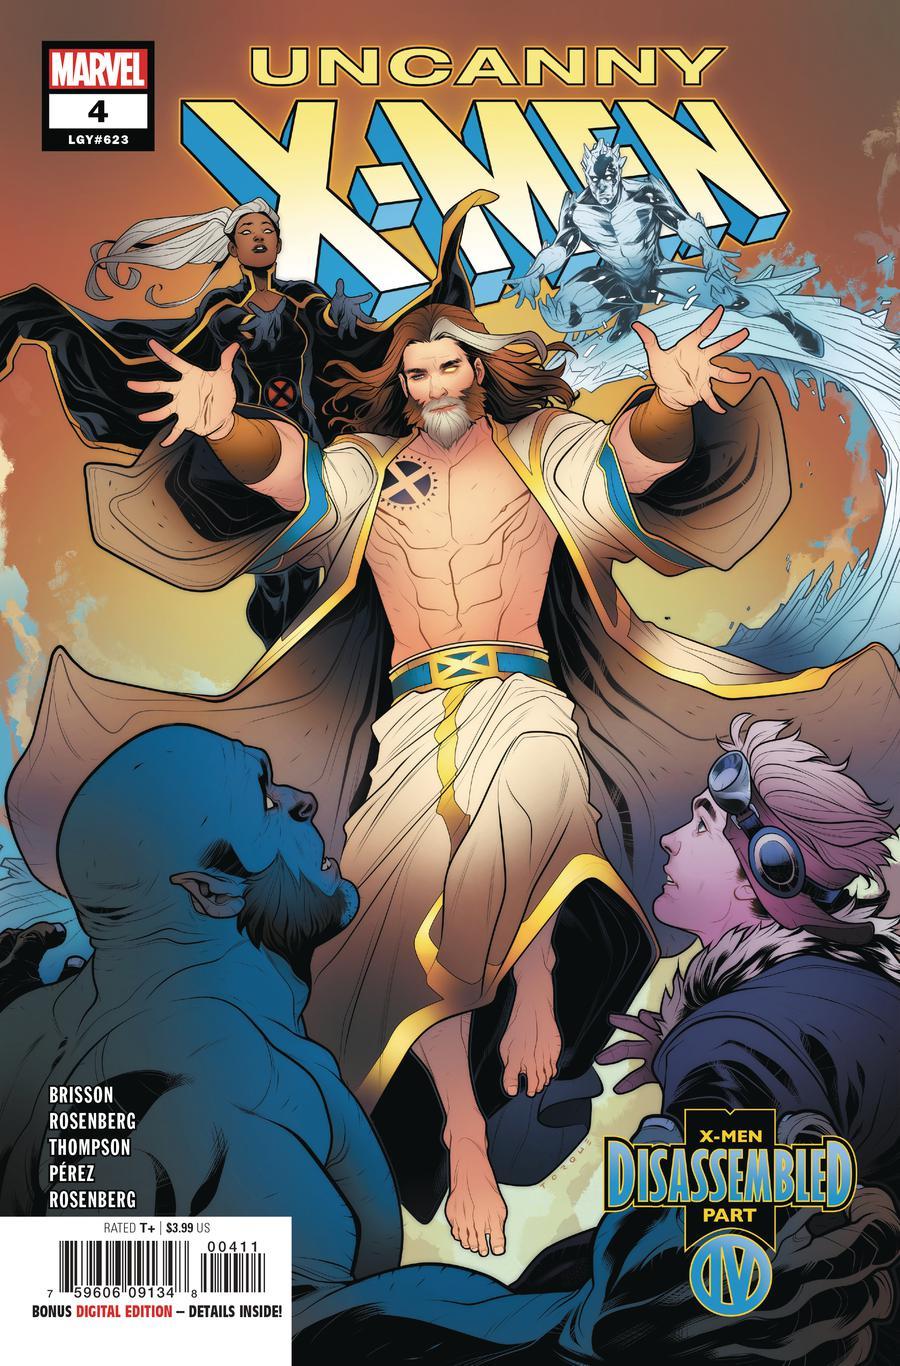 Uncanny X-Men Vol 5 #4 Cover A 1st Ptg Regular Elizabeth Torque Cover